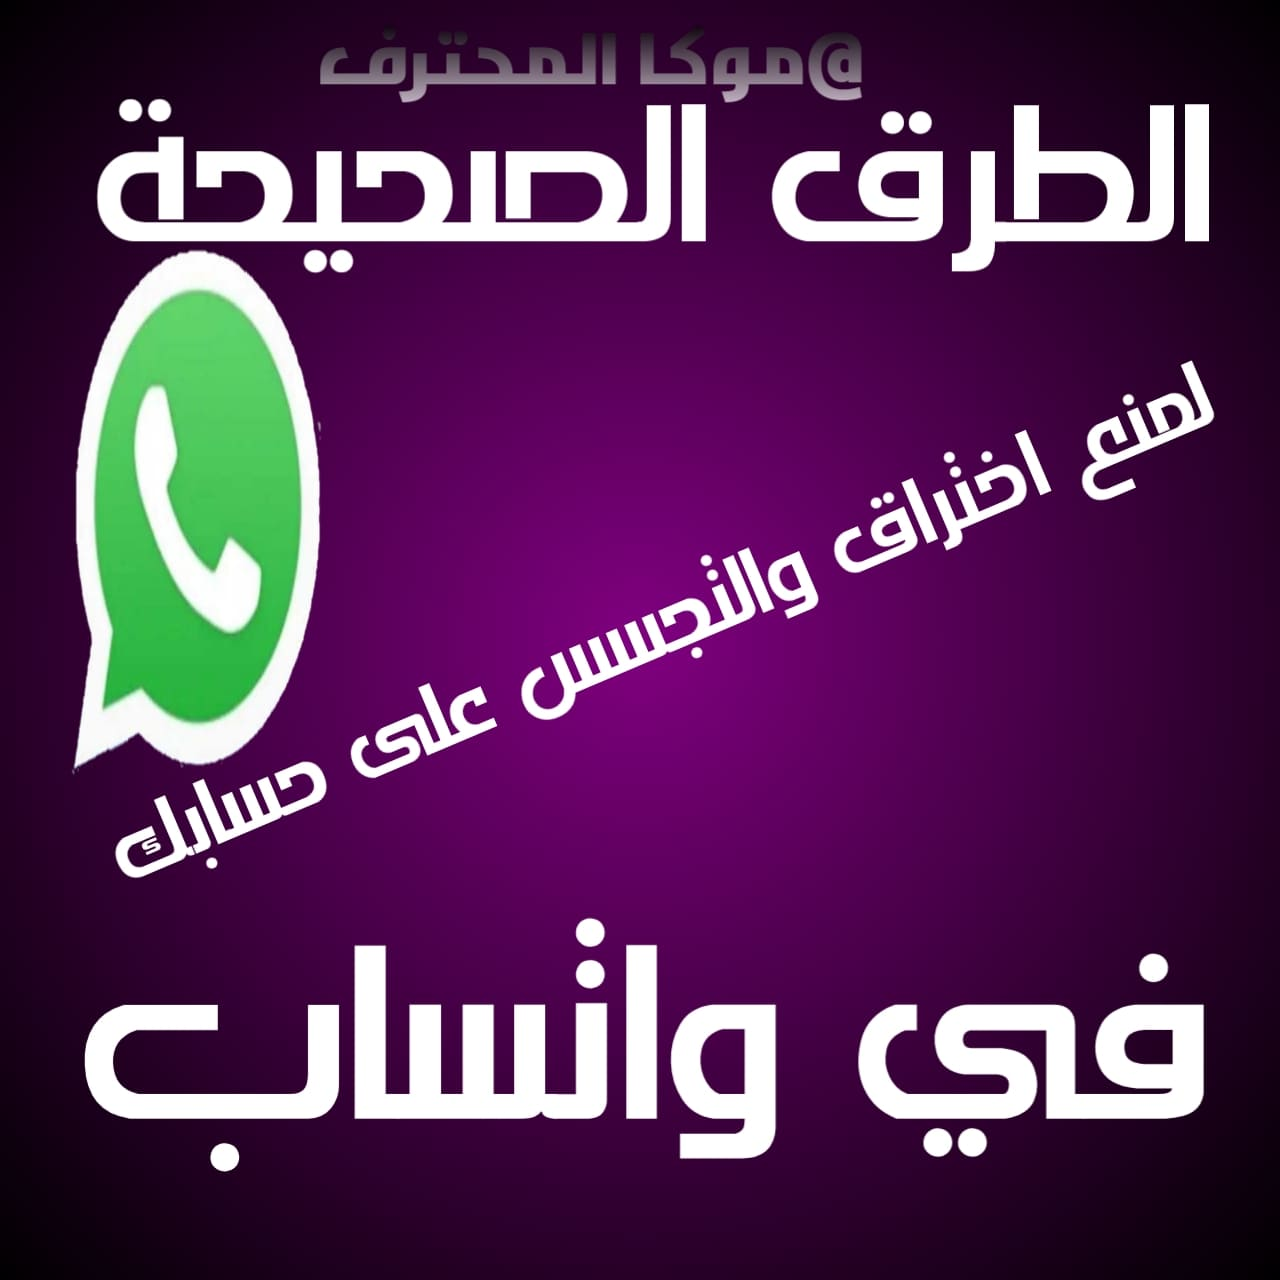 كيفية حماية الواتس اب من الاختراق والتجسس افضل الطرق Whatsapp protection